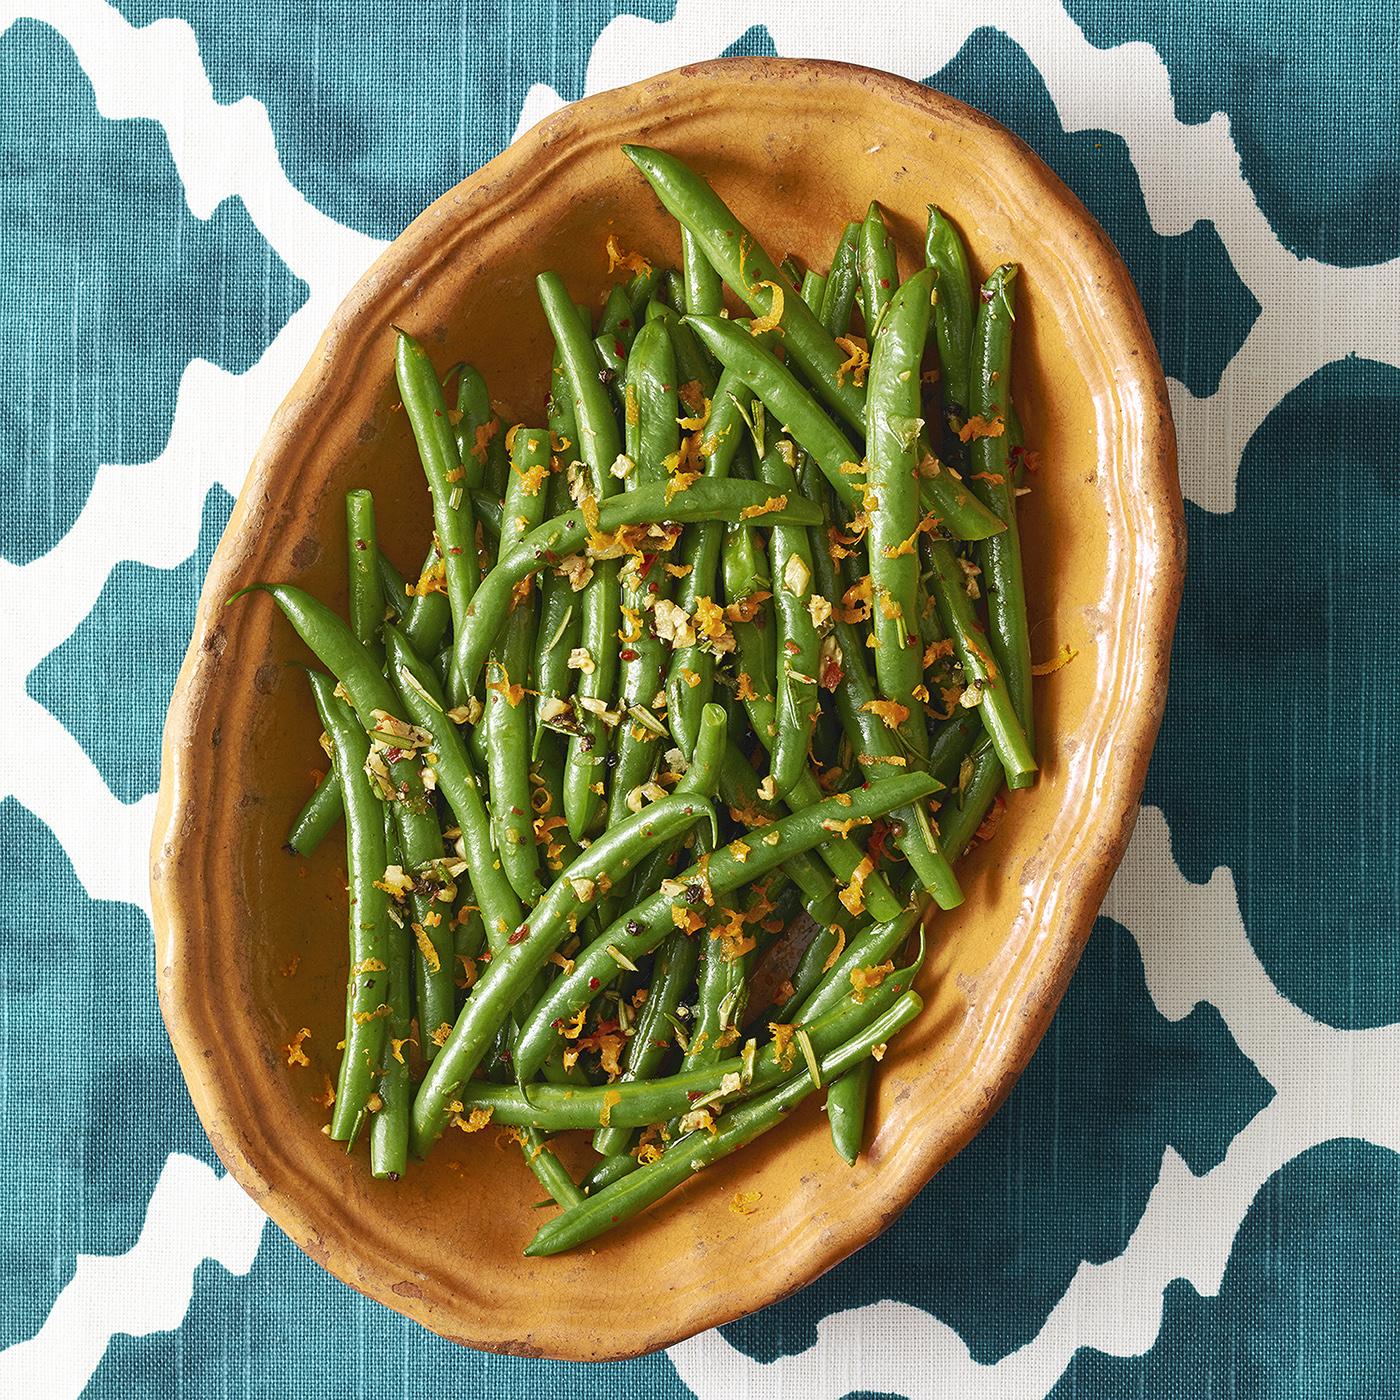 zesty rosemary green beans